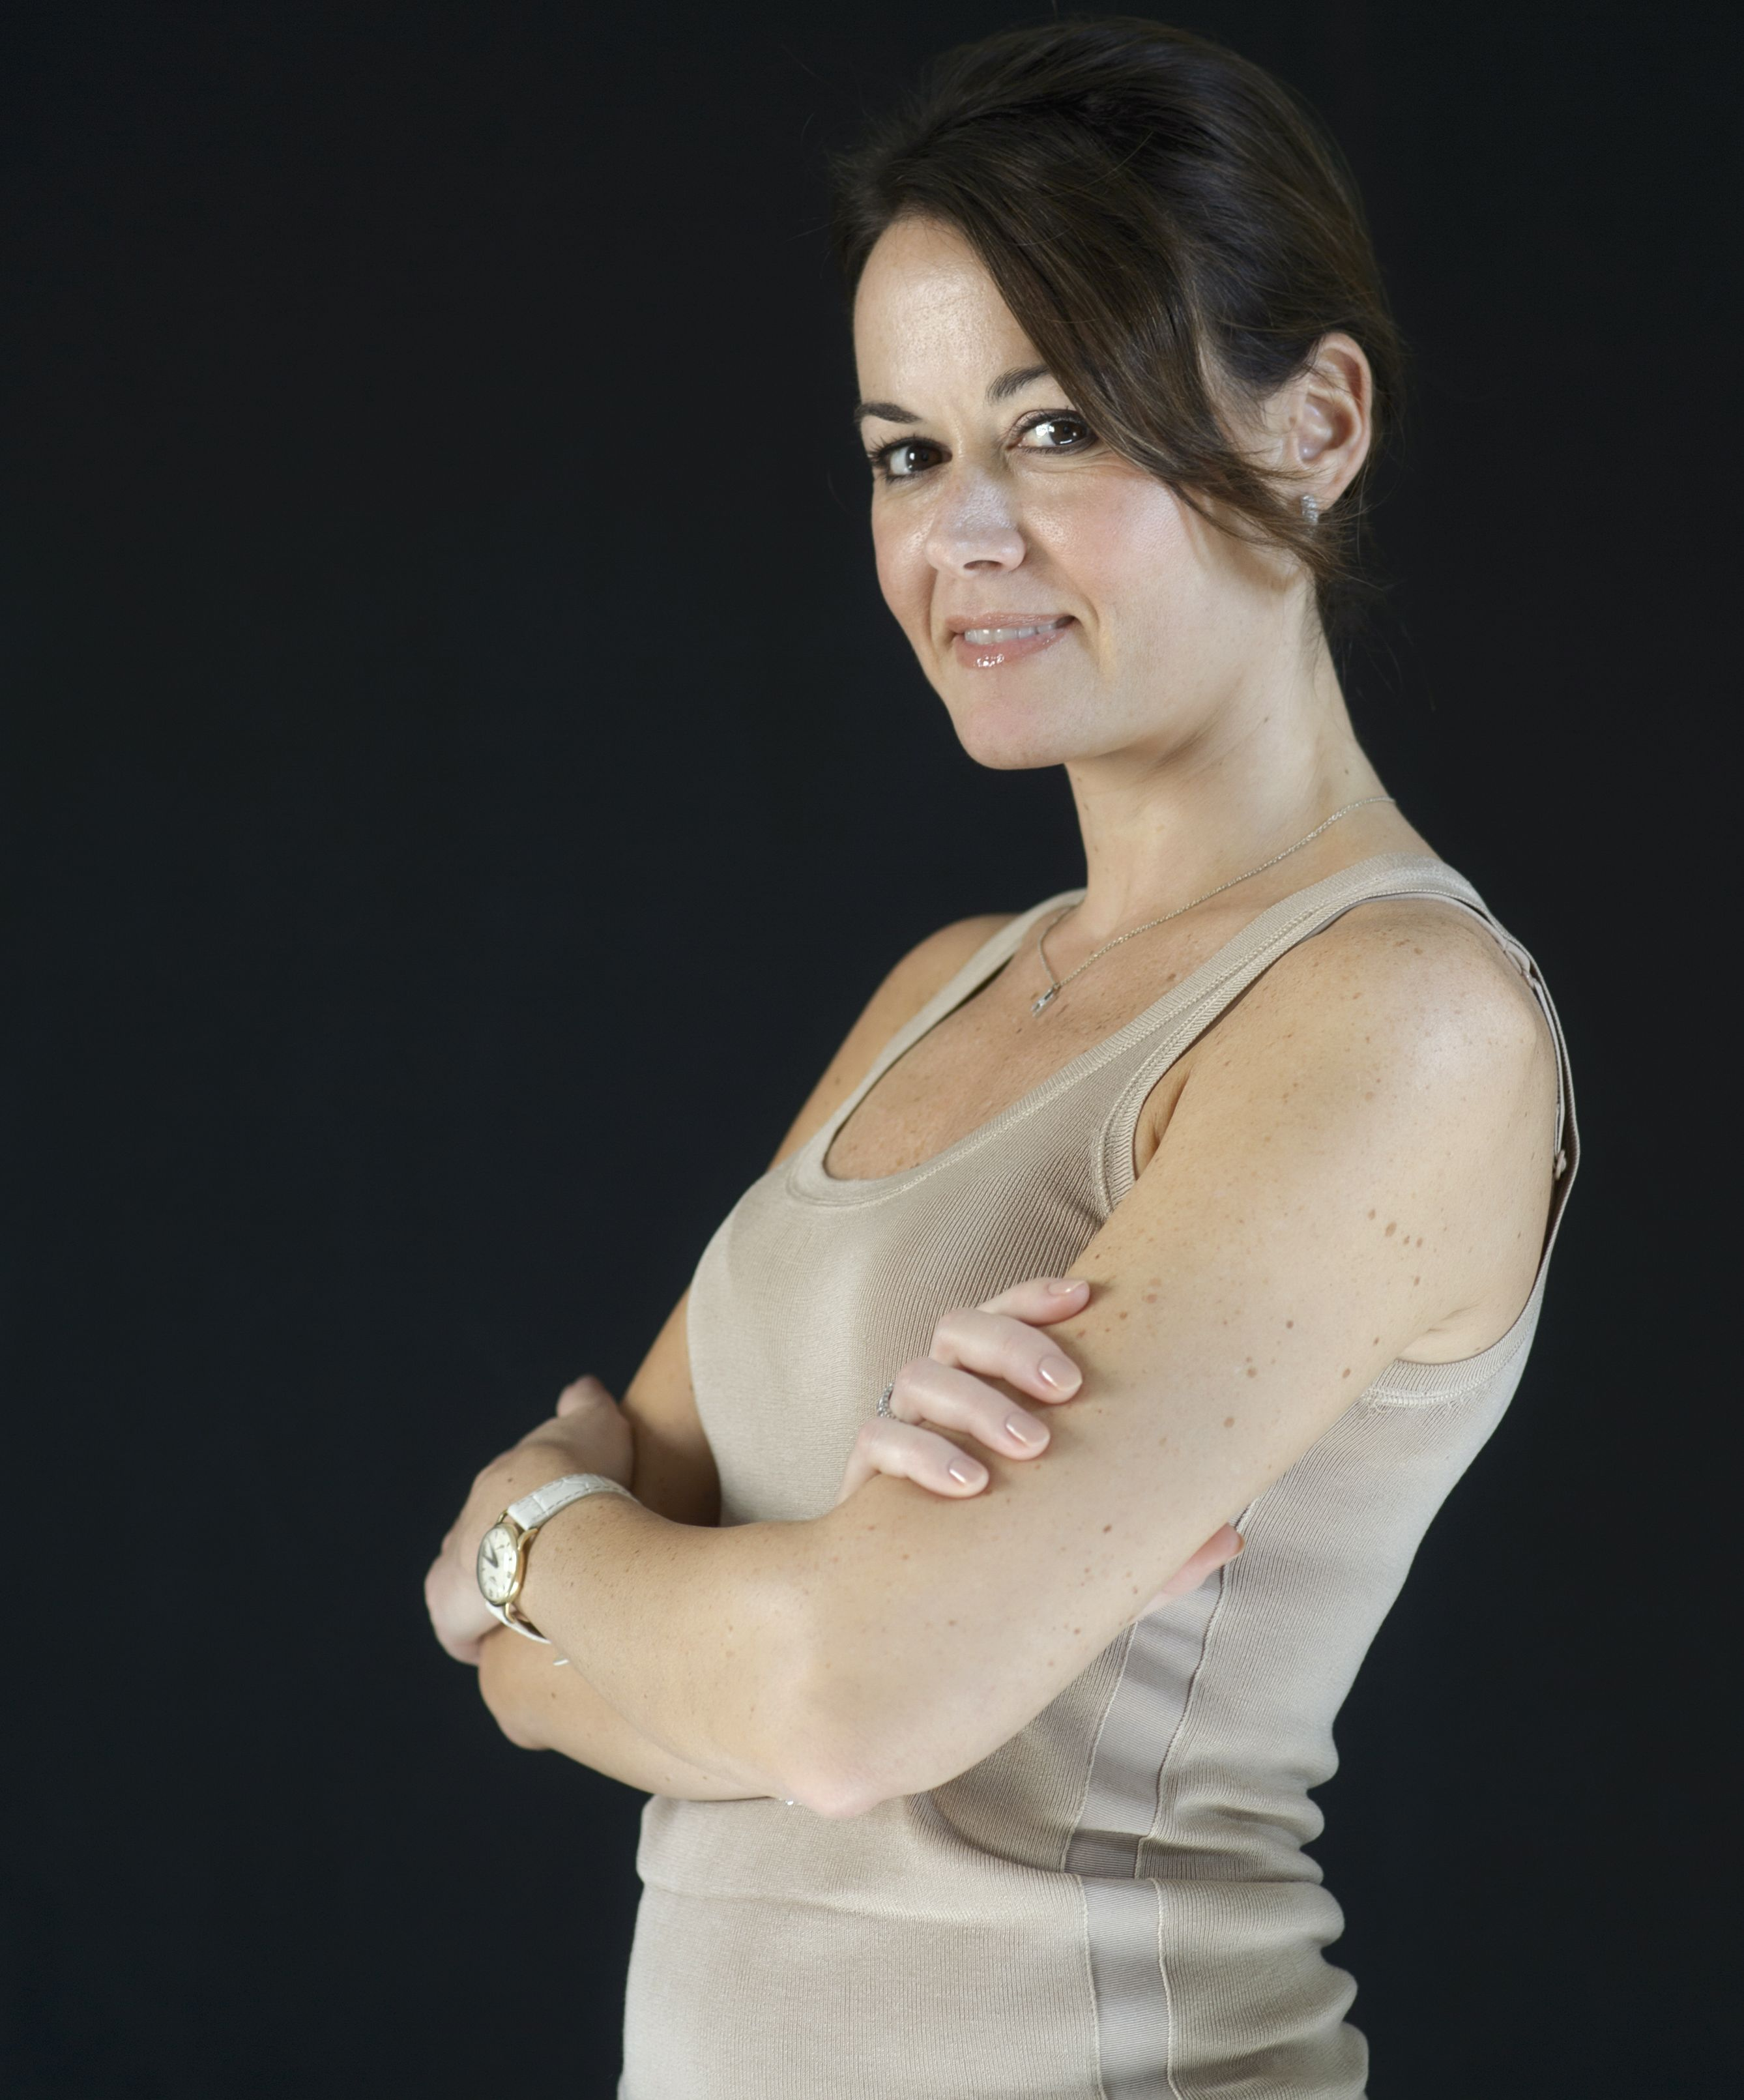 Sarah Scola